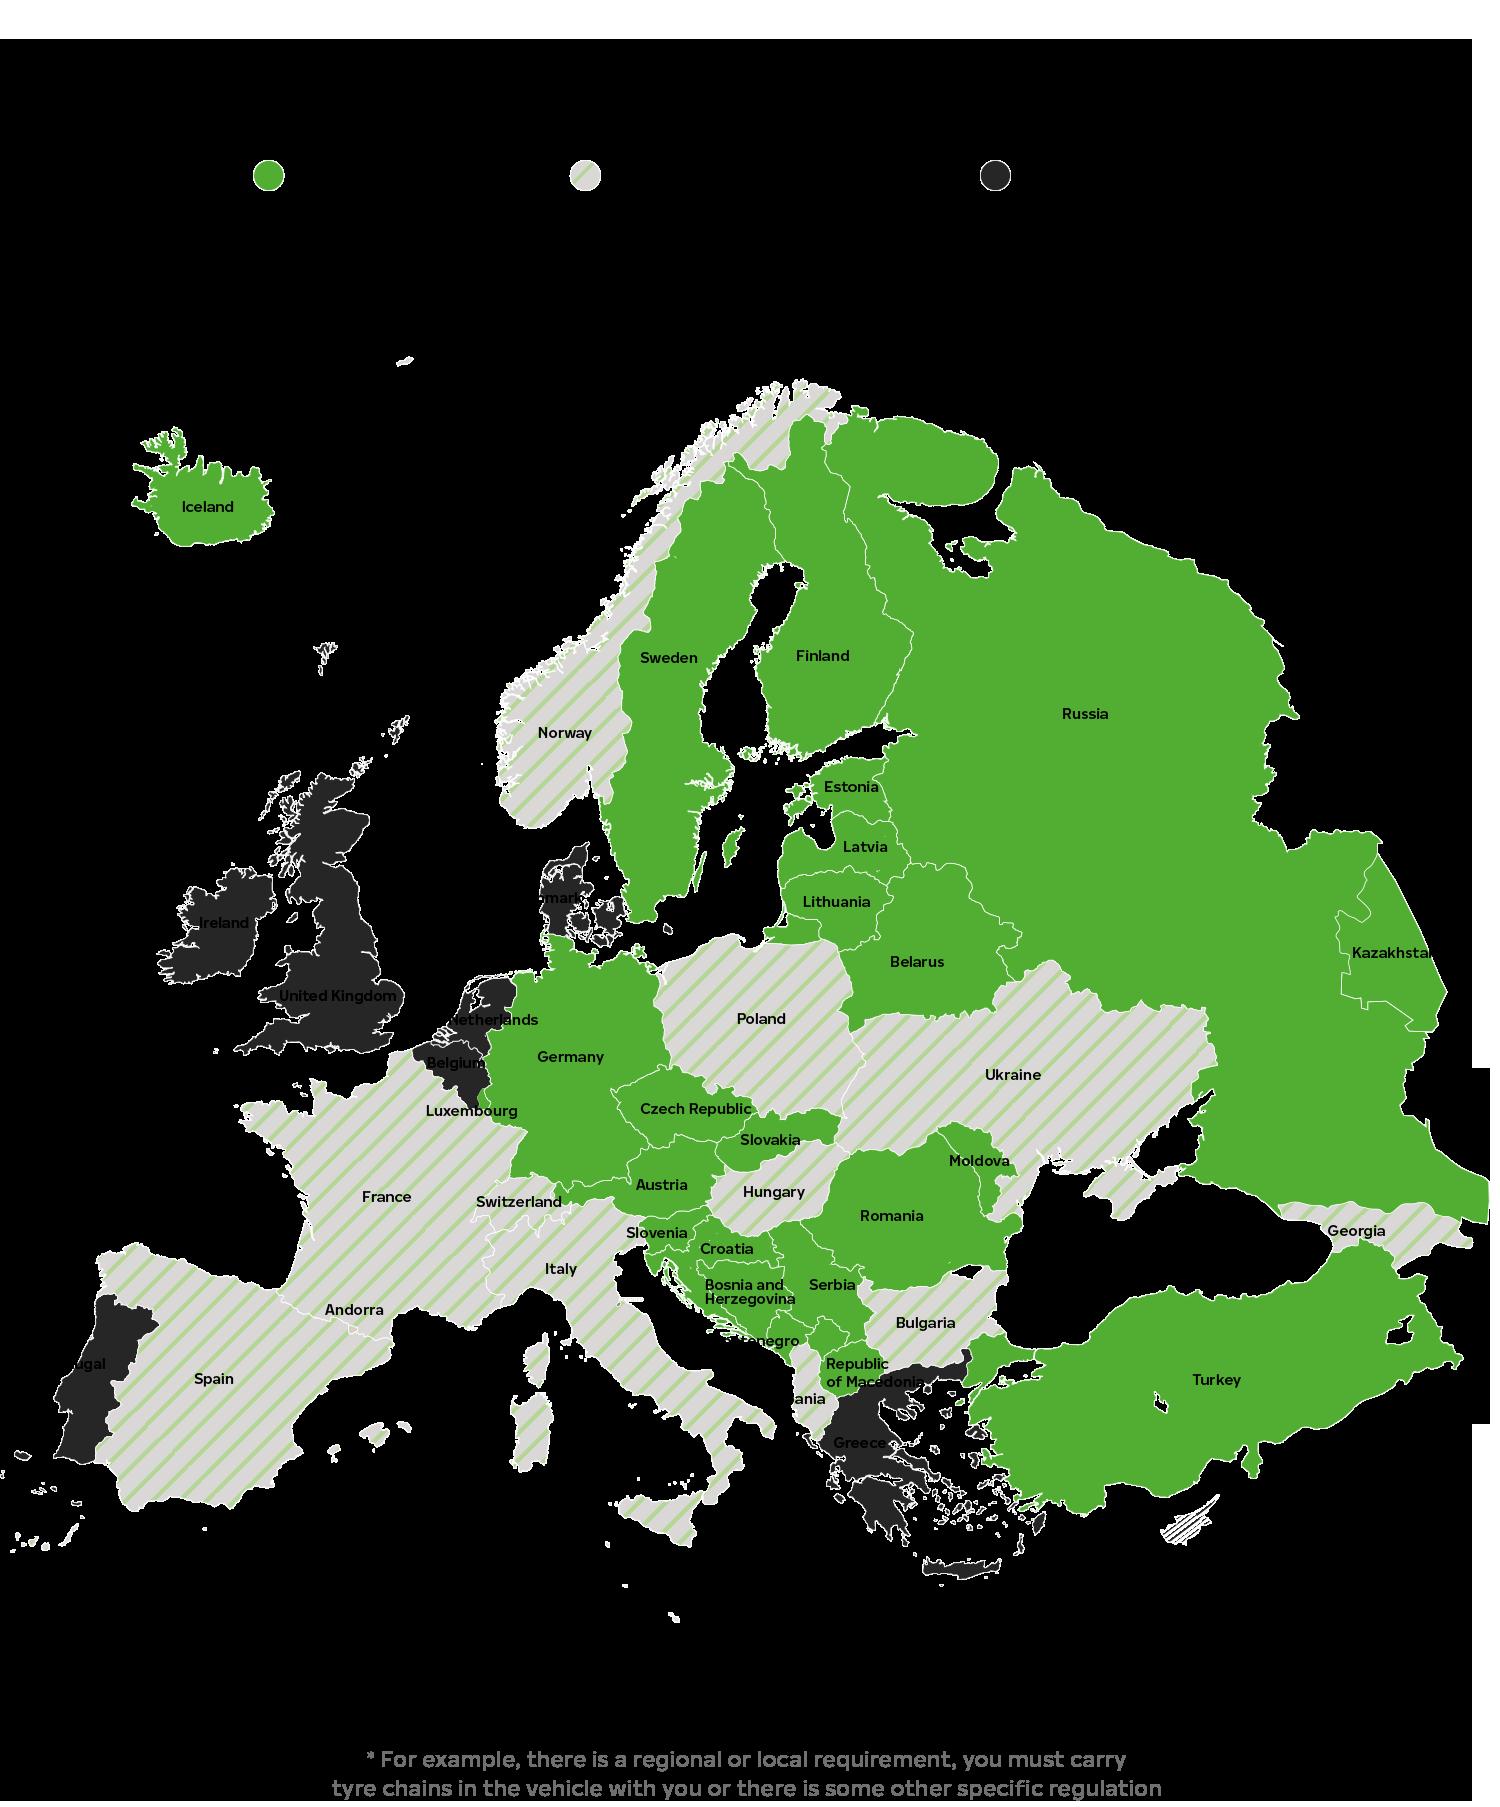 Nařízení ohledně zimních pneumatik v Evropě